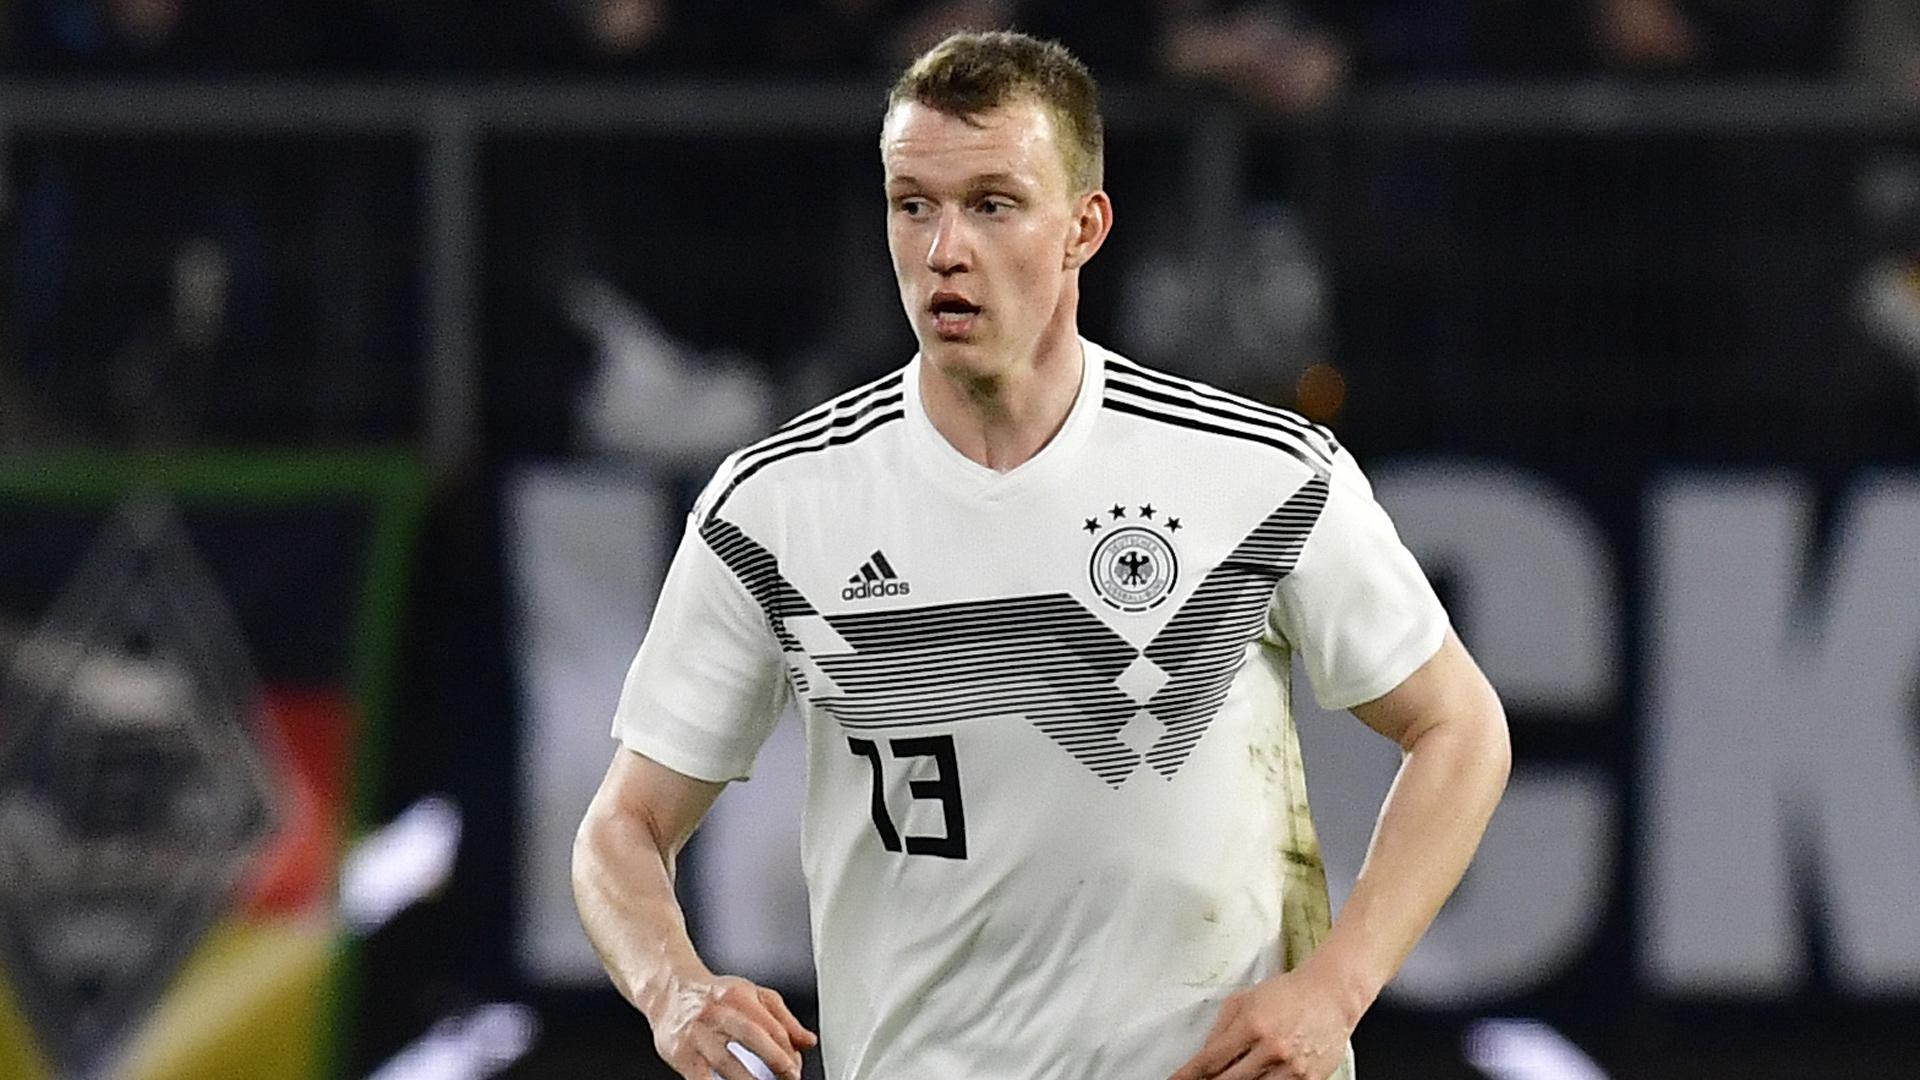 BVB: News und Transfer-Gerüchte - Lukas Klostermann wird beobachtet, Thorgan Hazard will nicht nach Dortmund